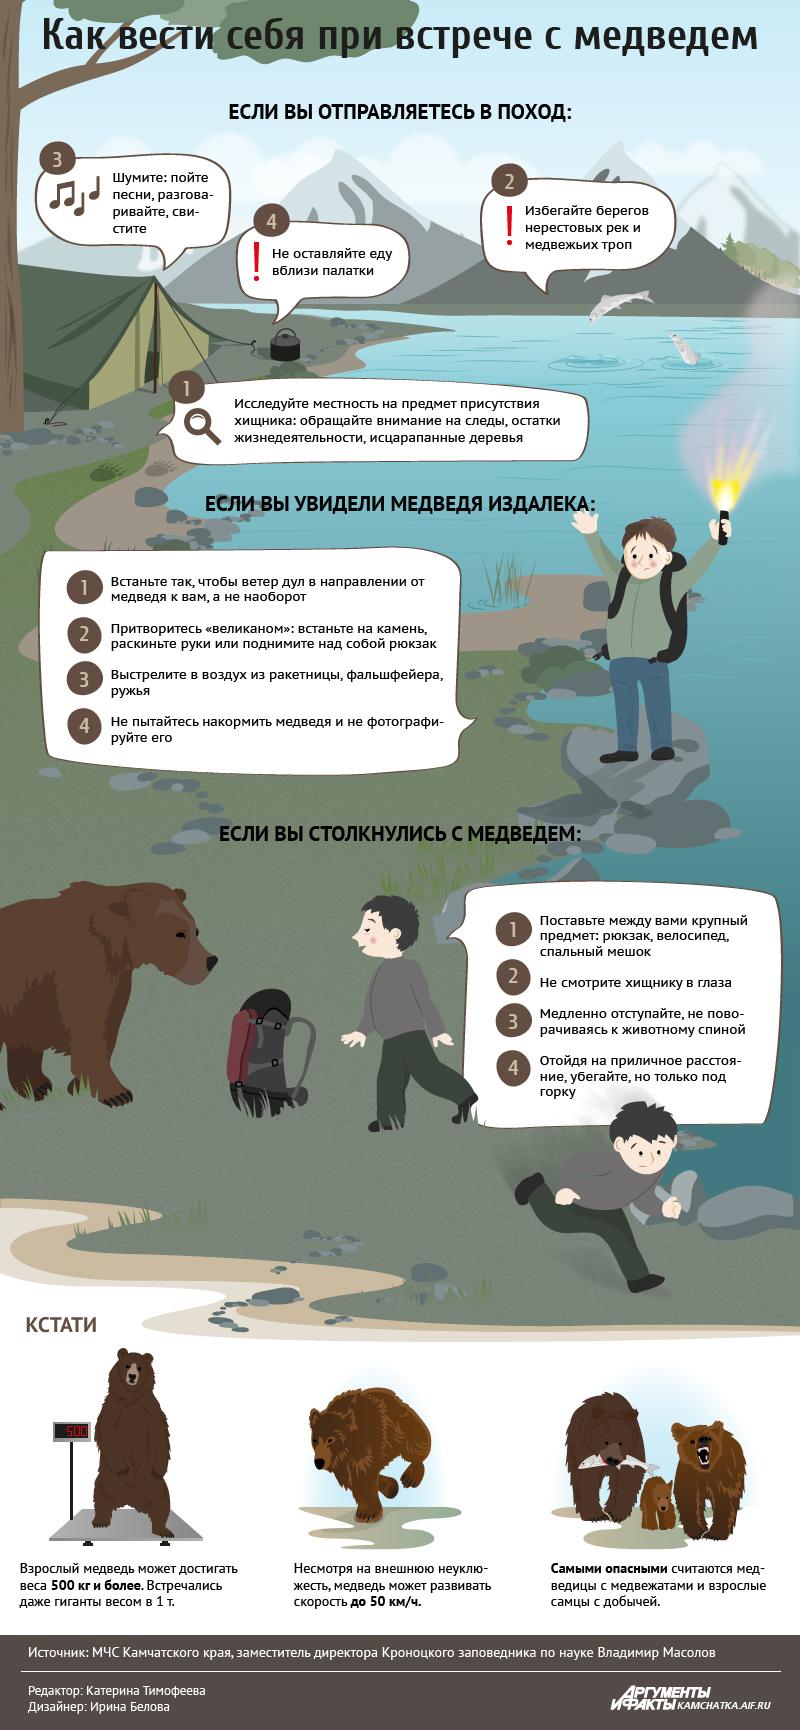 Инфографика «Как вести себя при встрече с медведем»